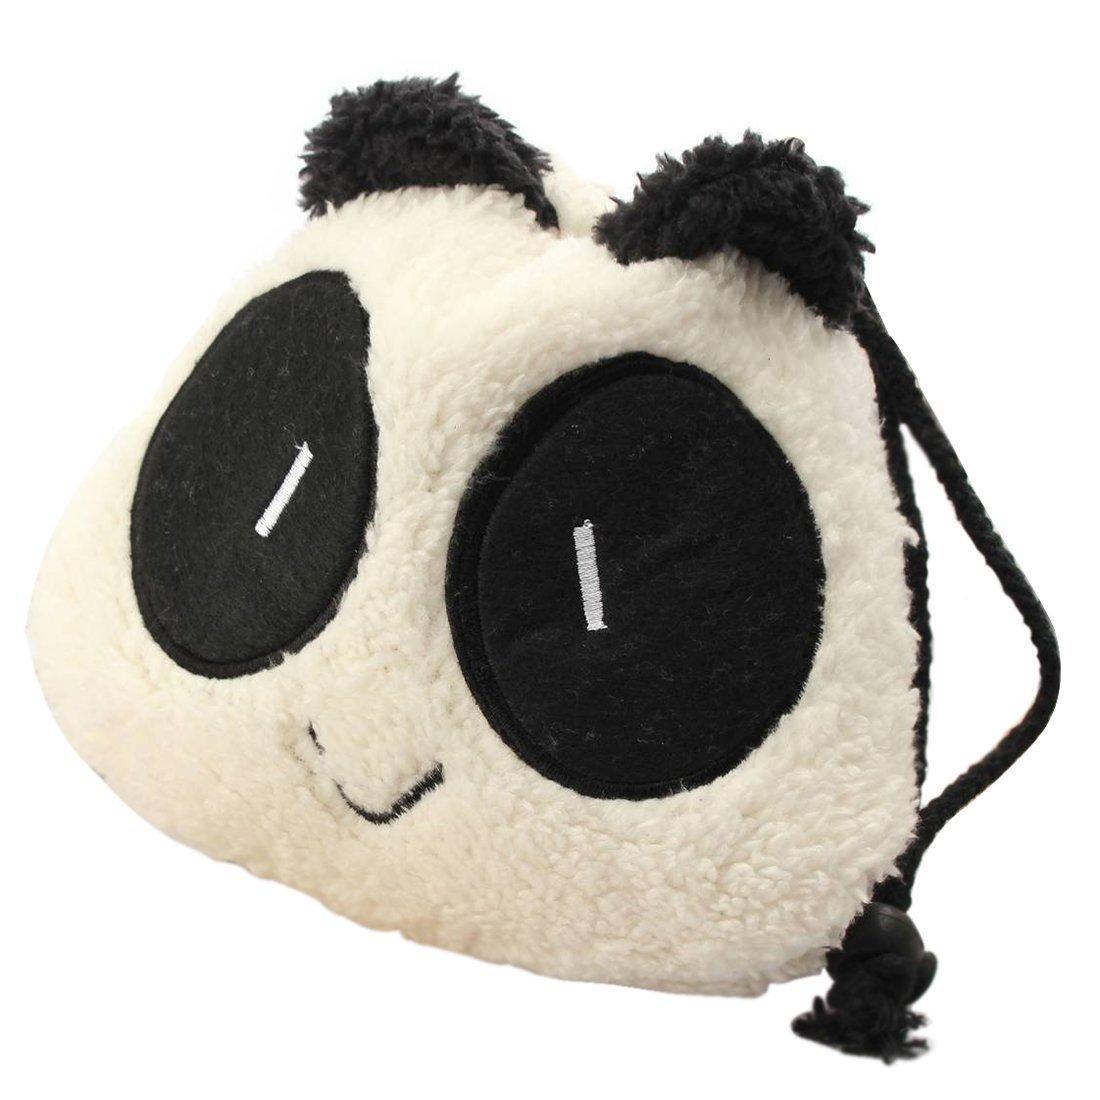 sac - SODIAL(R)Trousse Sac a Main Panda Mousse Peluche Porte-monnaie Portefeuille Pochette Panda Noir et blanc TRTA11A